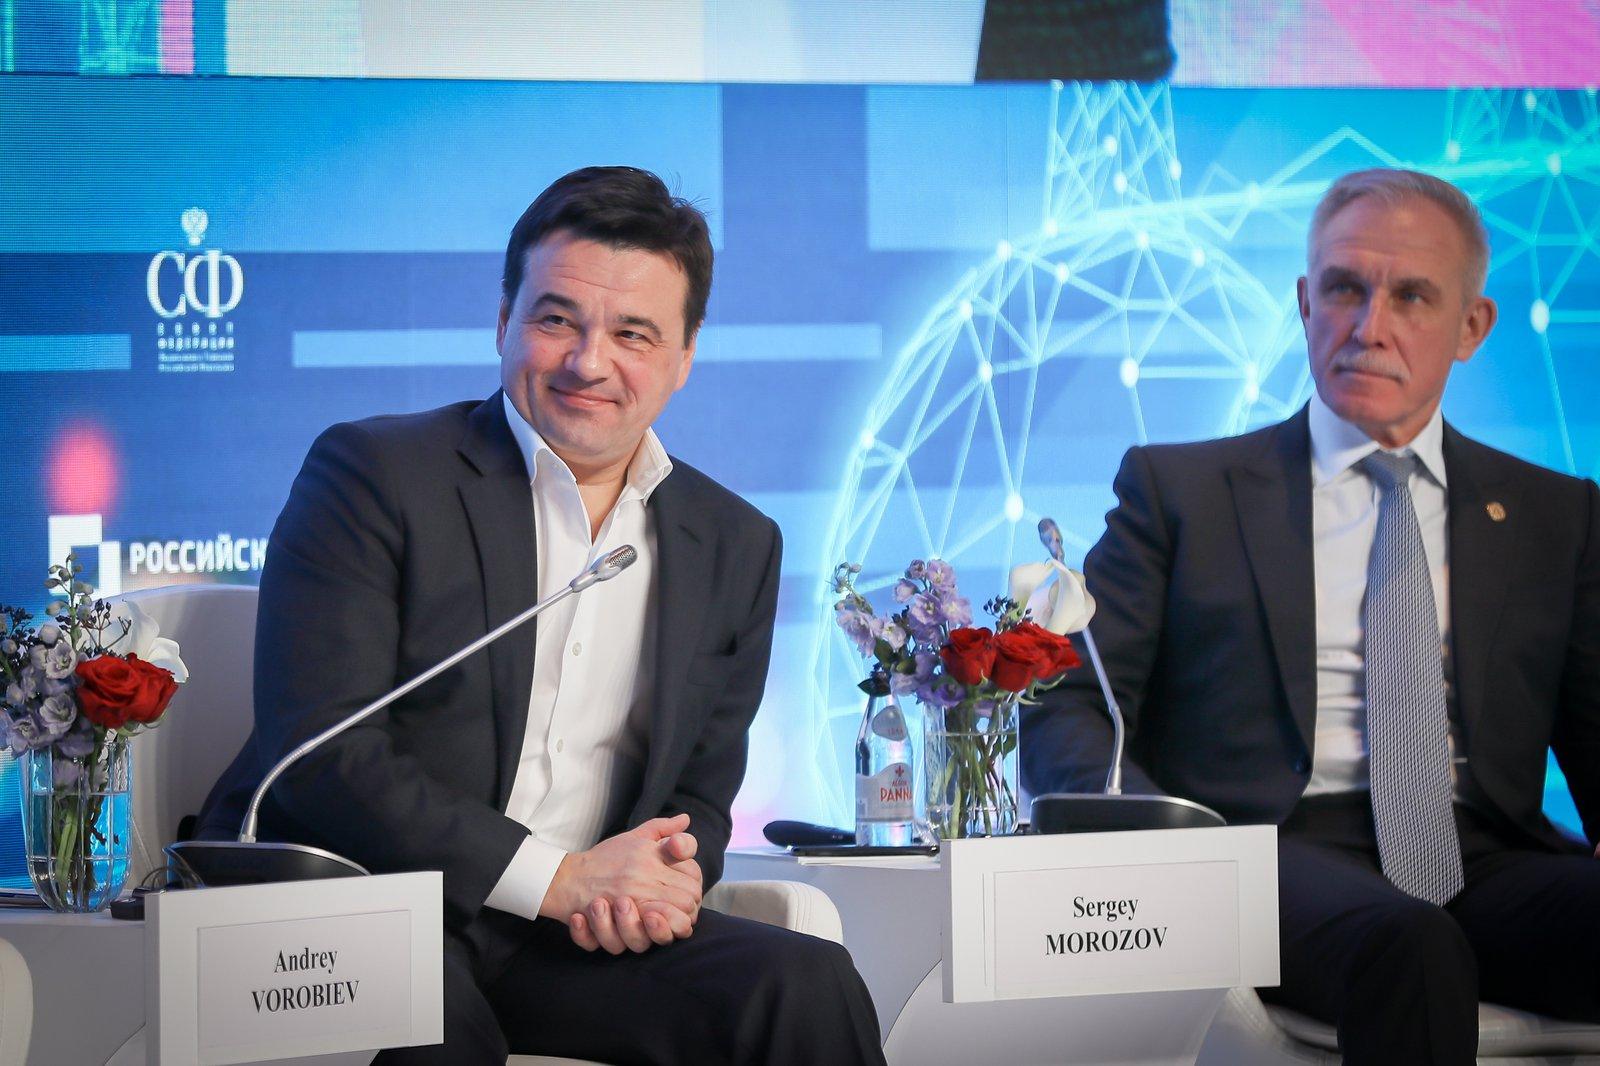 Андрей Воробьев губернатор московской области - Инвестиции в Подмосковье — инвестиции в будущее